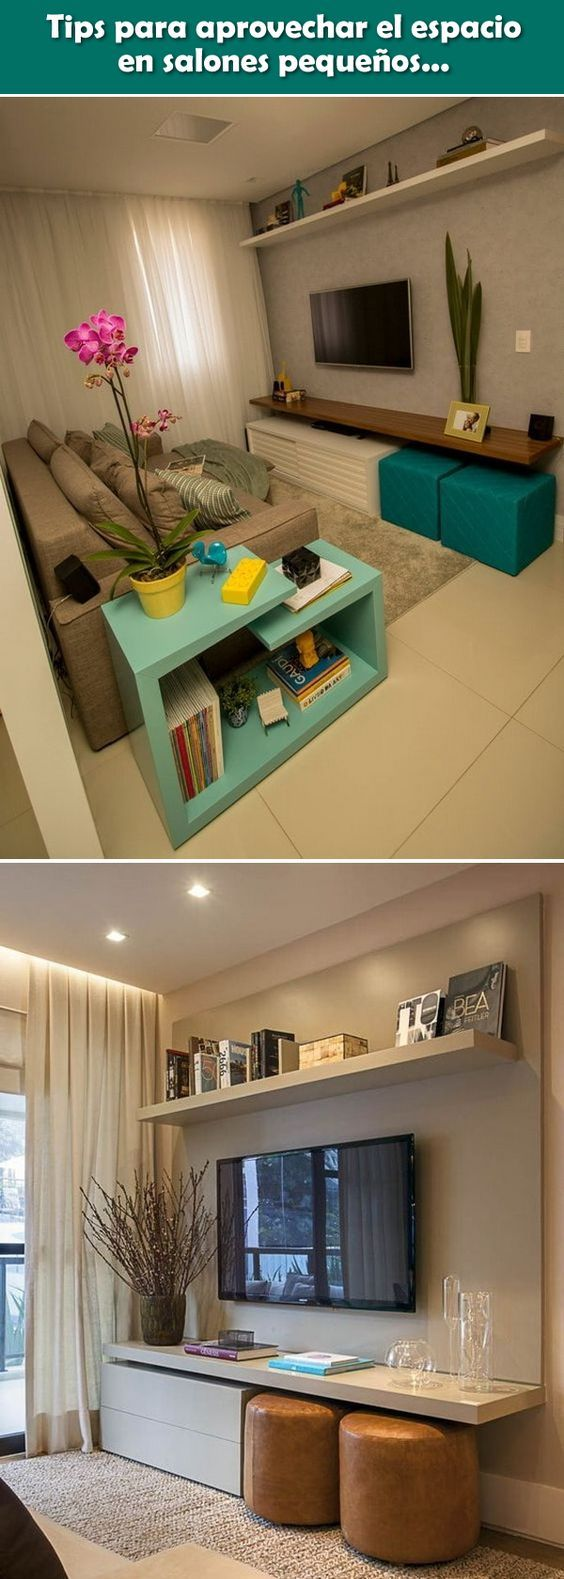 Tips para aprovechar el espacio en salones peque os interior design pinterest decoracion - El mueble salones pequenos ...